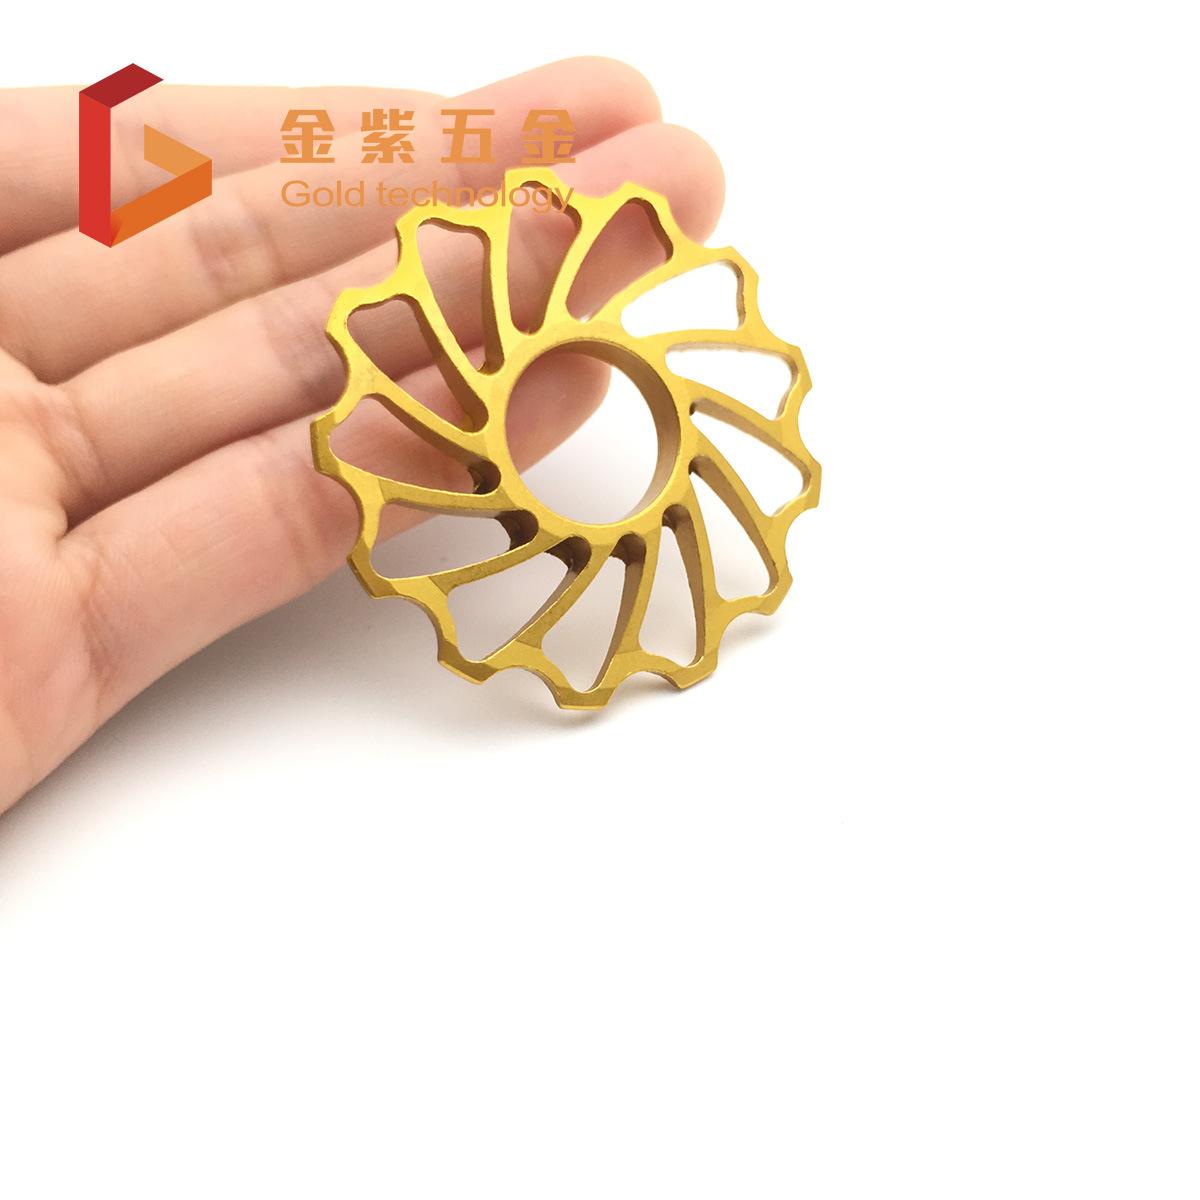 阳极氧化表面处理加工厂 铝氧化金色加工 铝合金阳极氧化加工